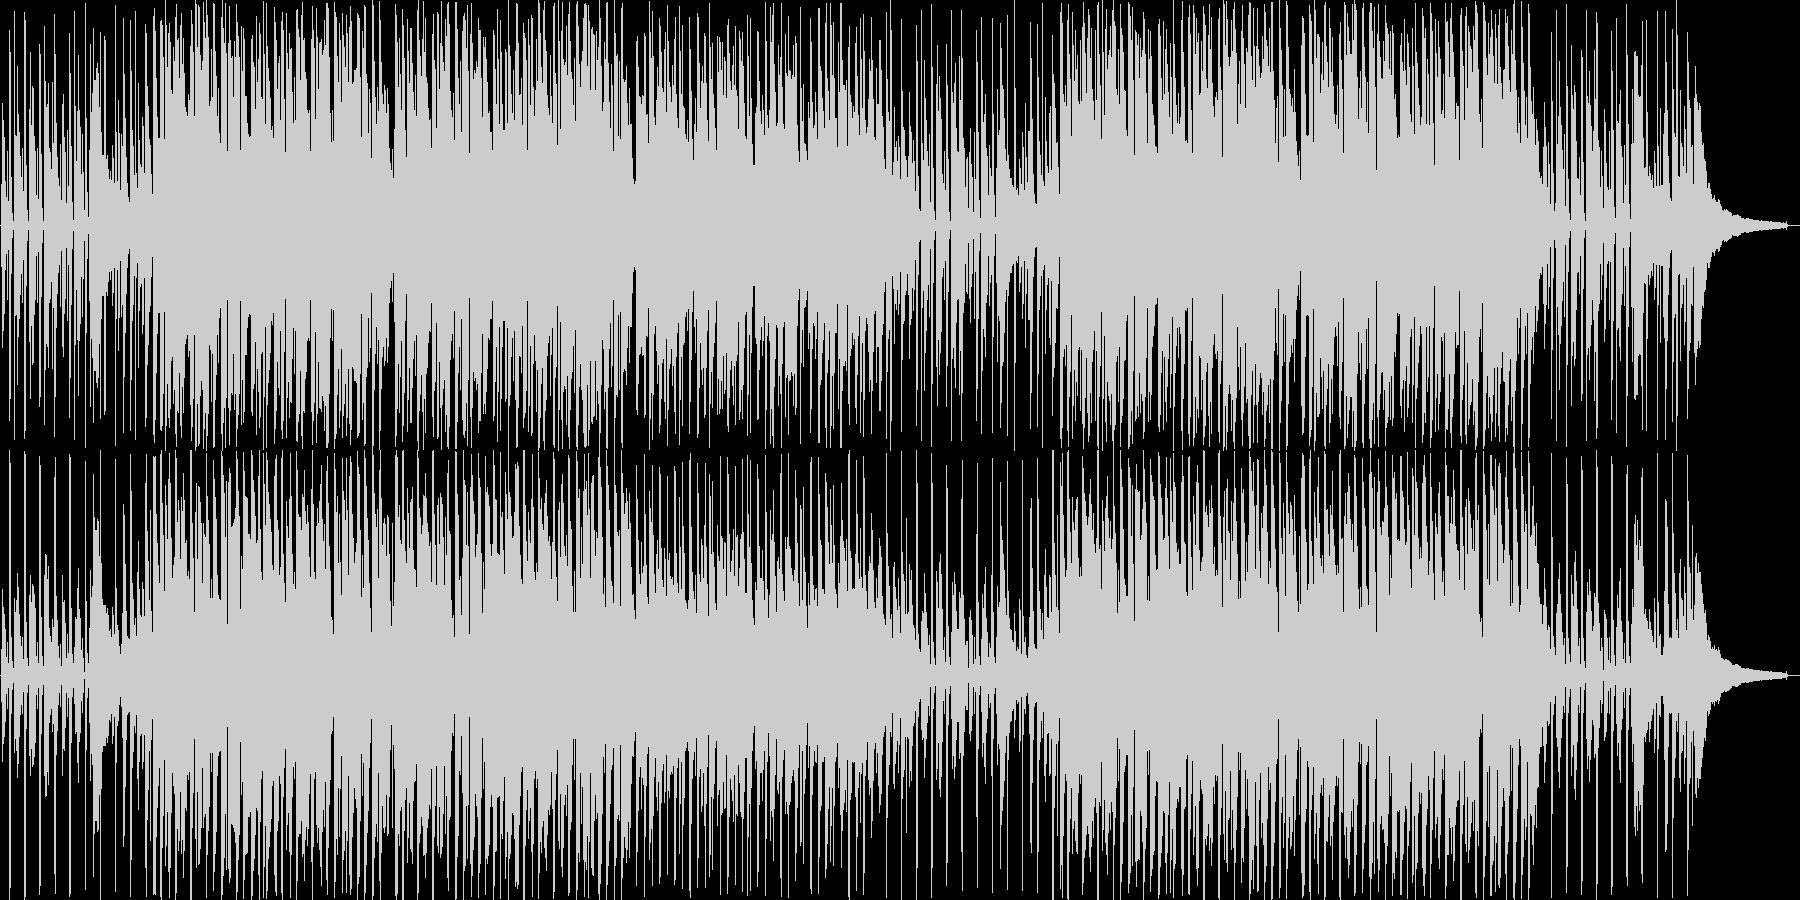 ほのぼのハッピーなアコースティックBGMの未再生の波形